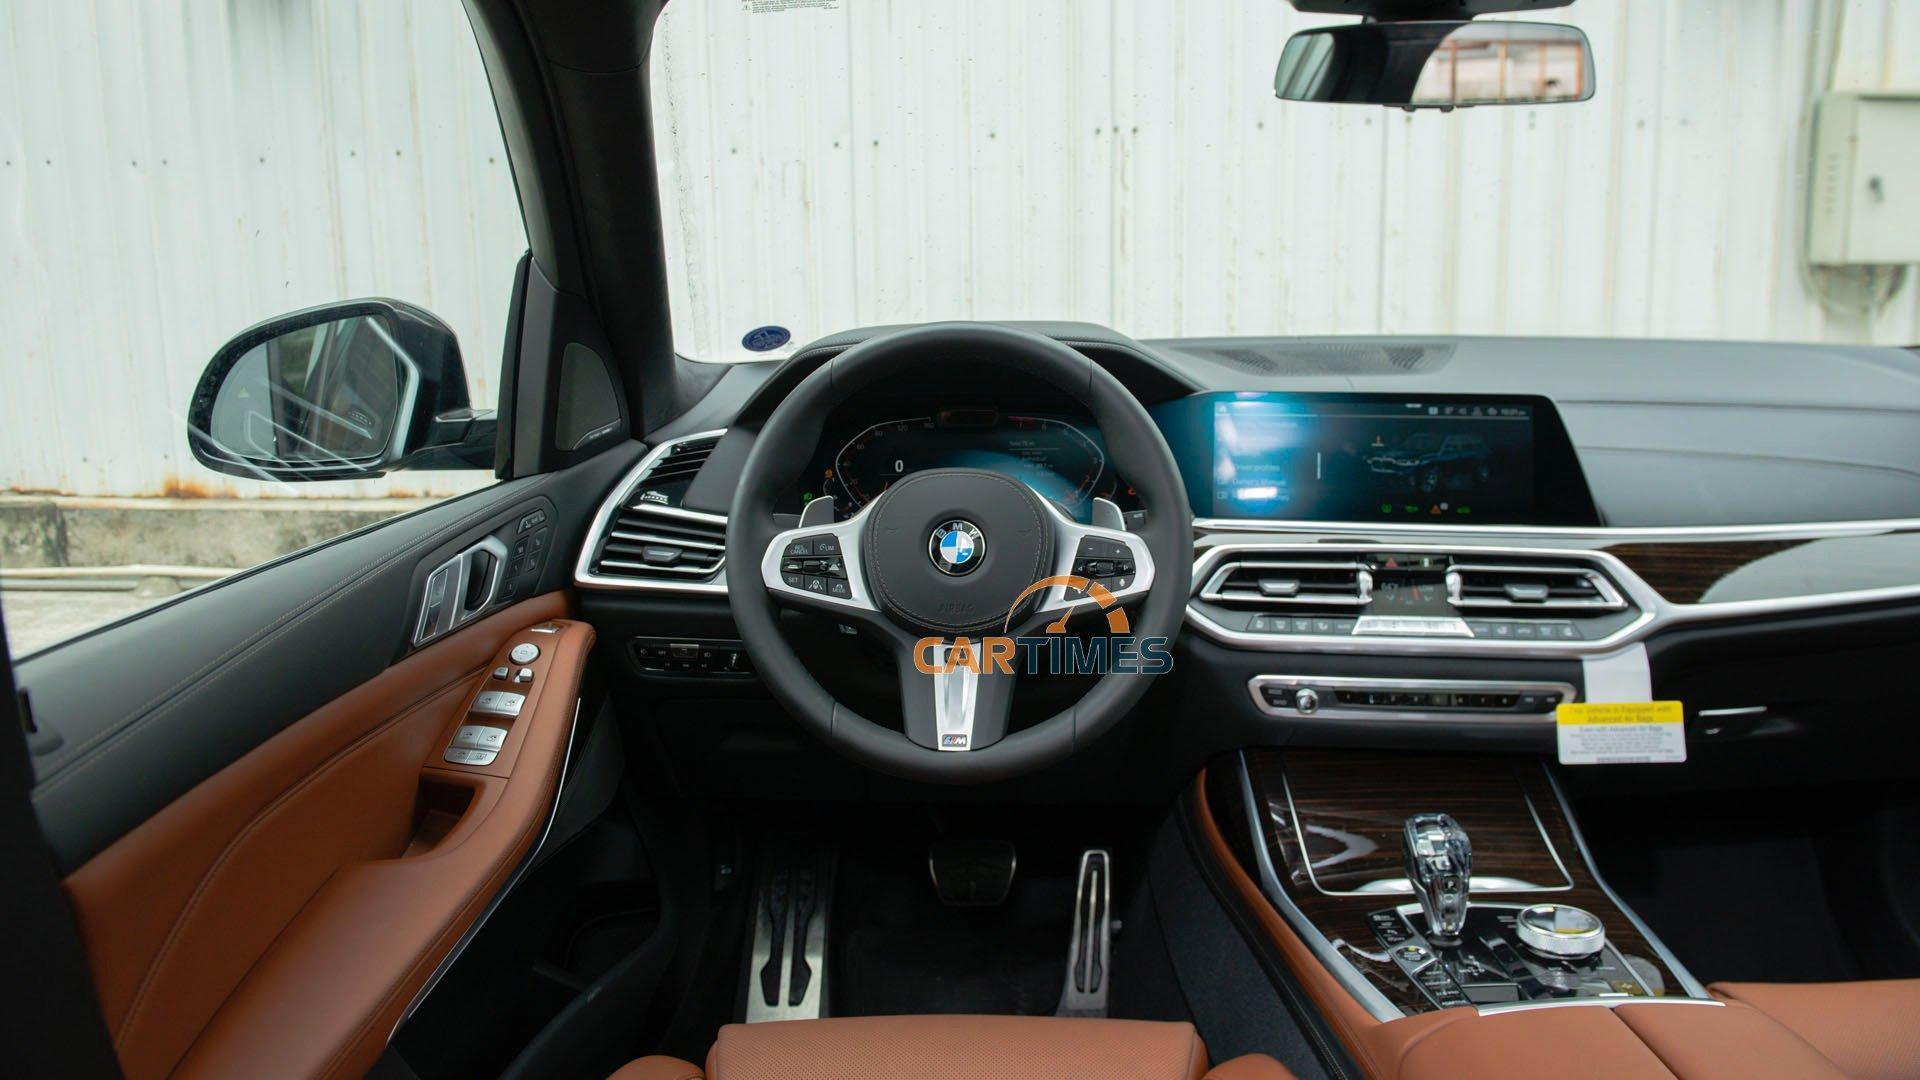 Giá hơn 7 tỷ đồng, BMW X7 thứ 2 về Việt Nam có những trang bị gì? Ảnh 6